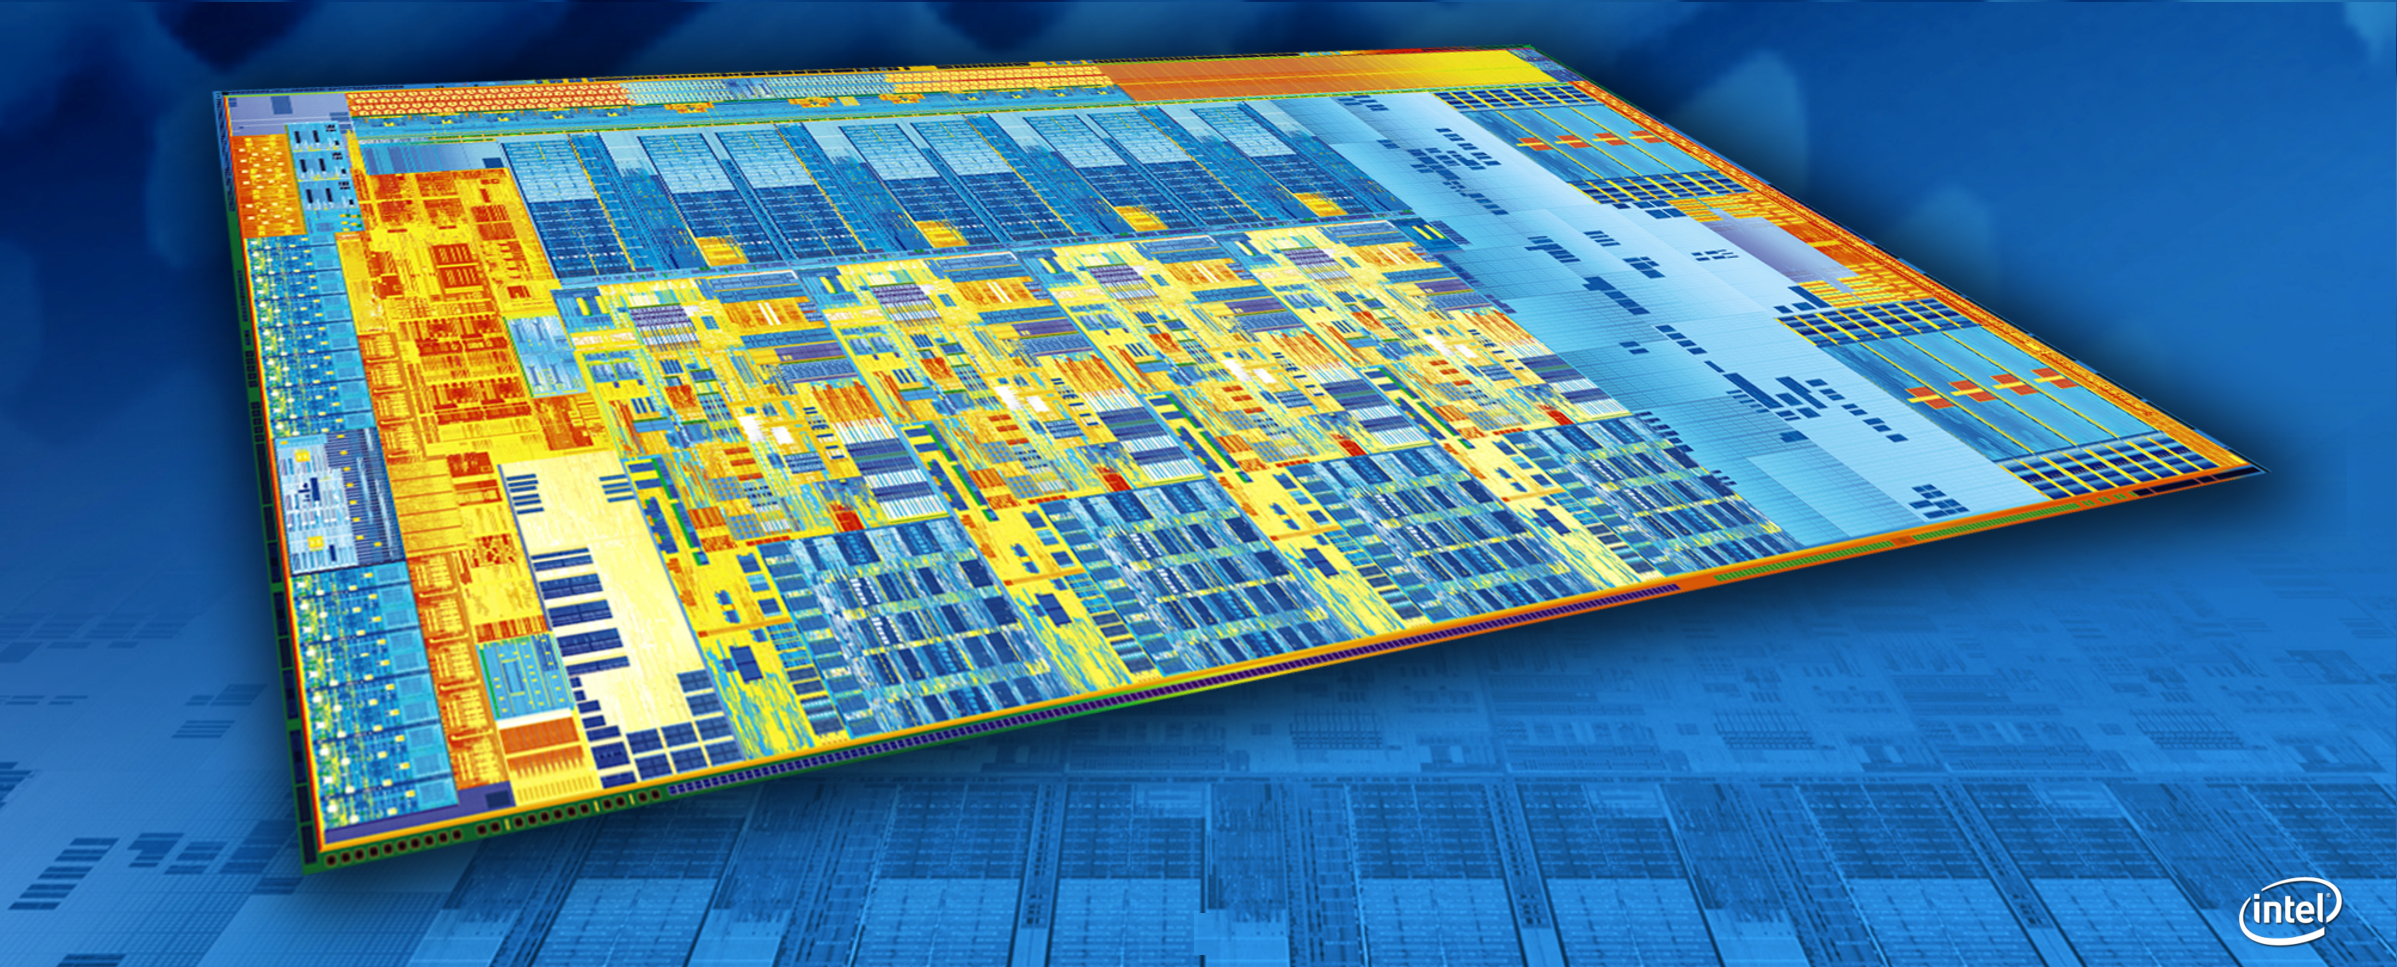 Intel I5 6600k Tdp